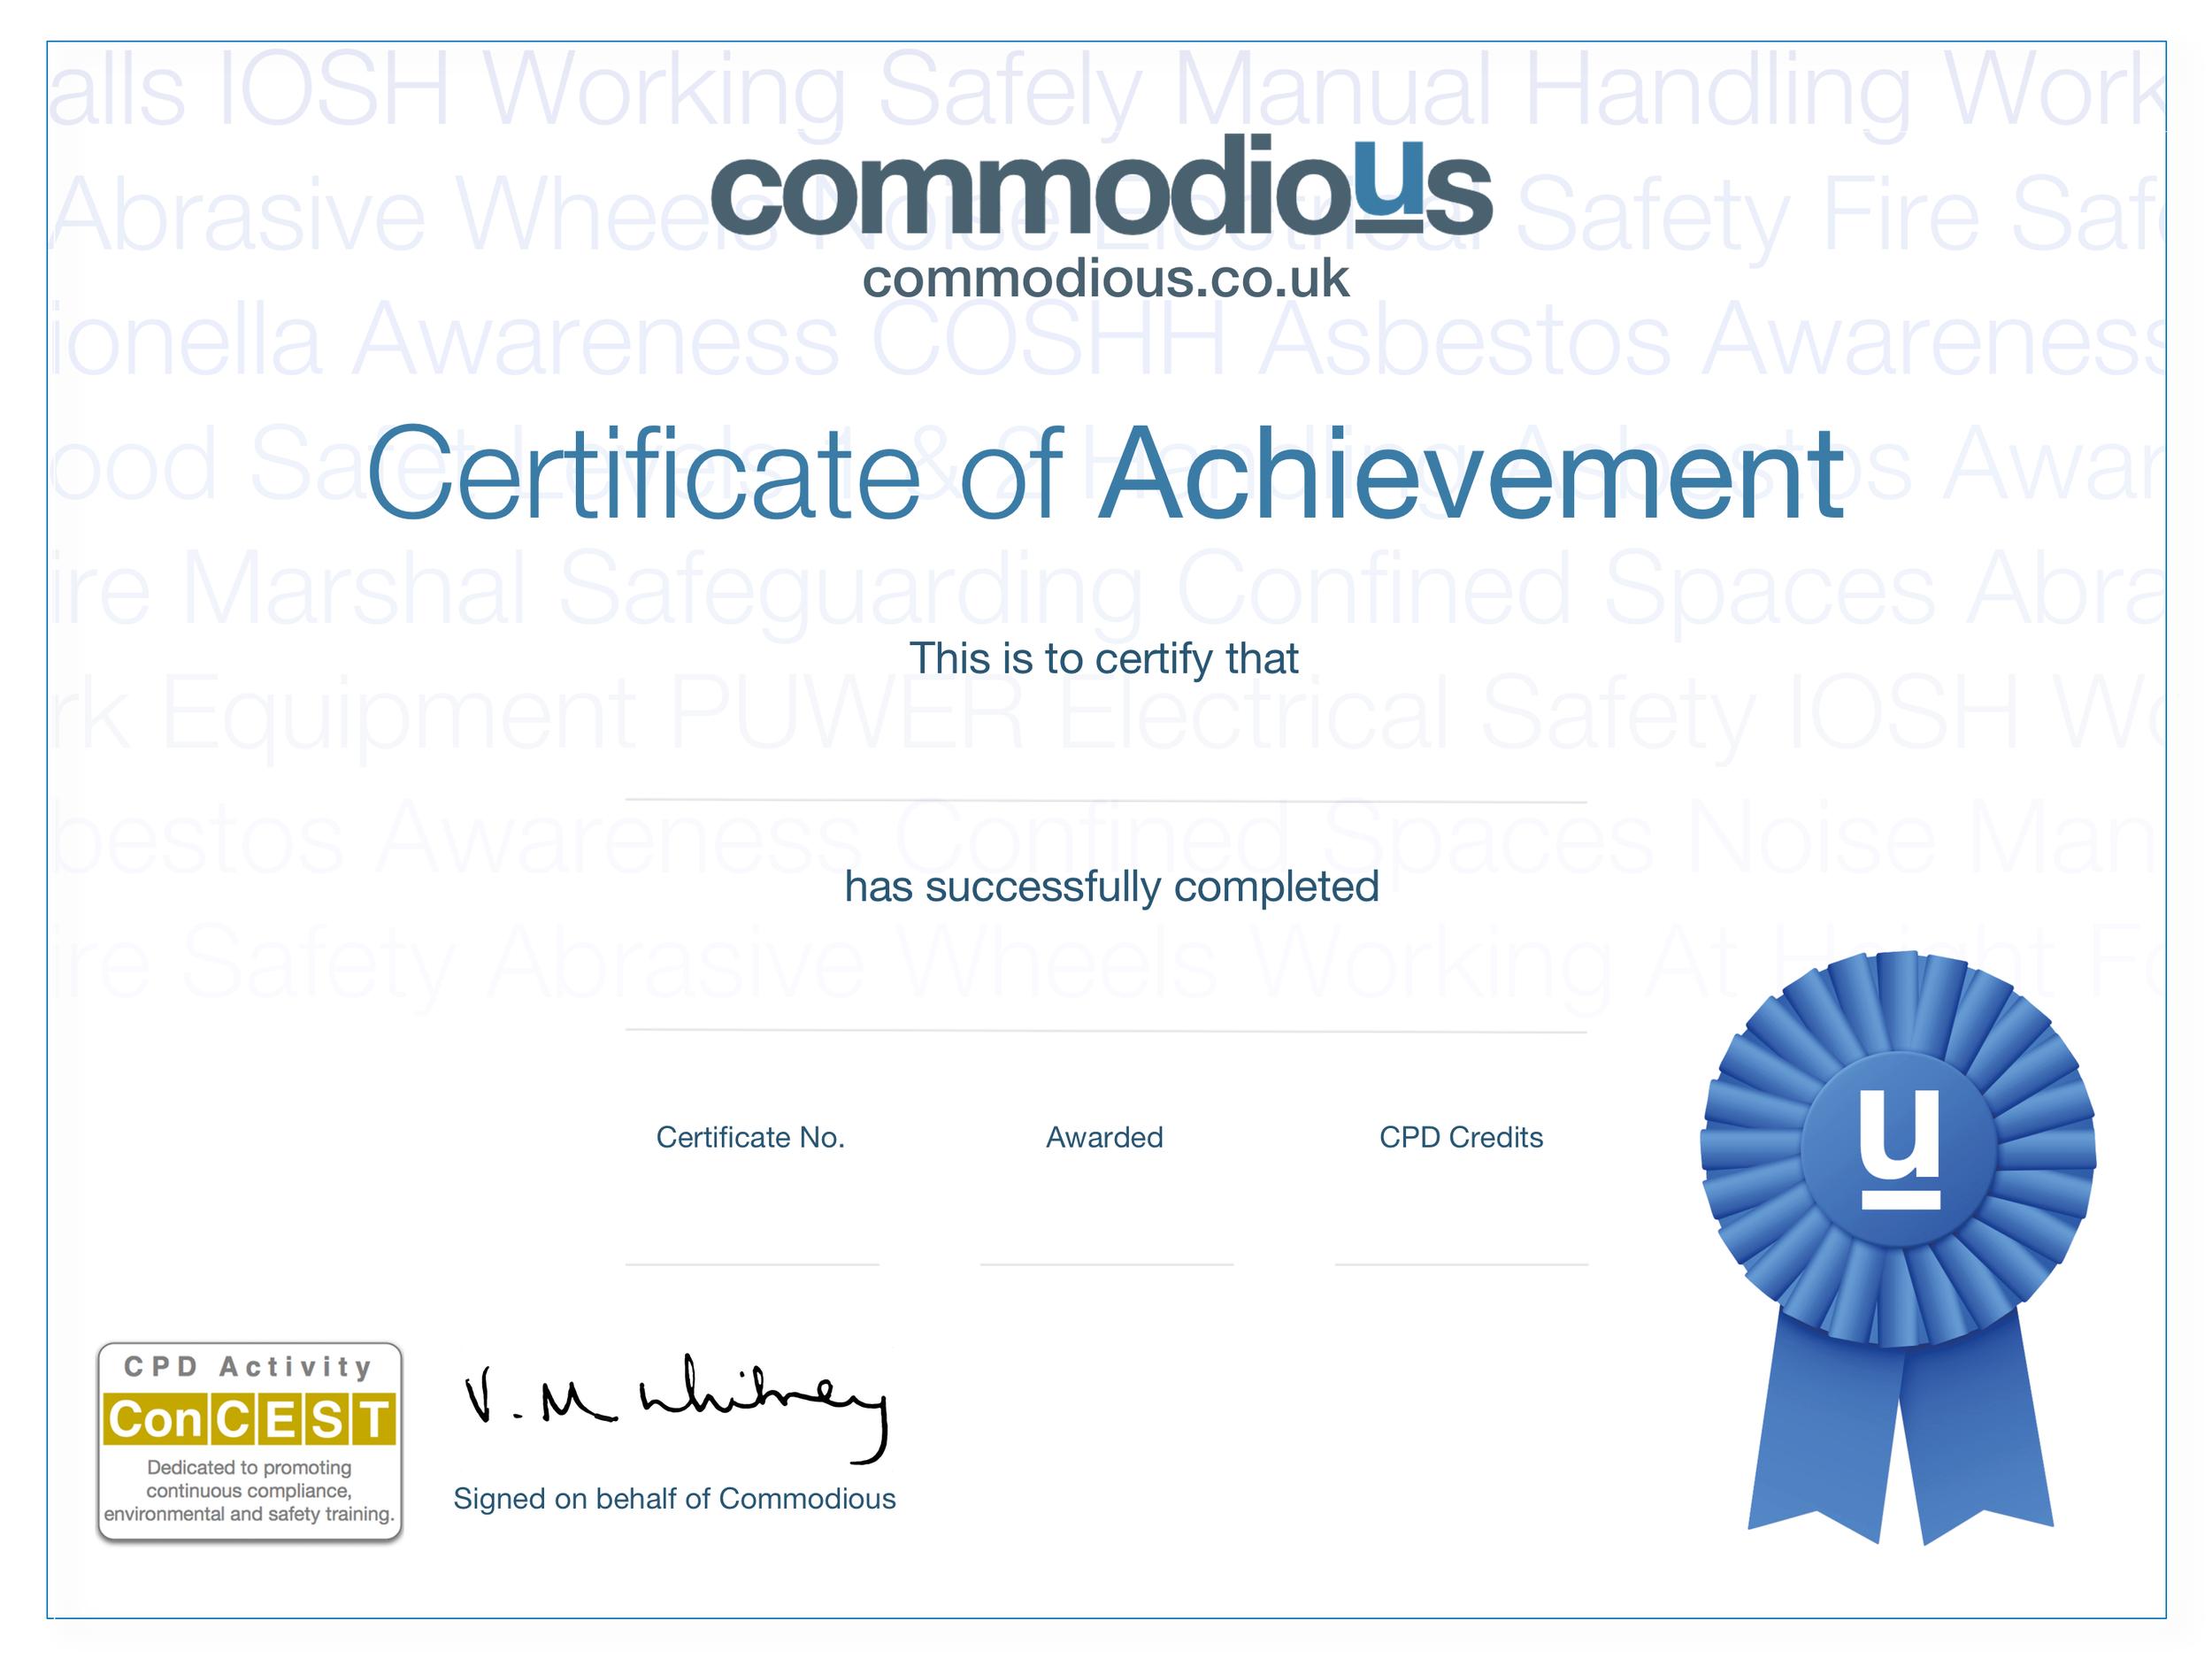 ConCEST Certificate